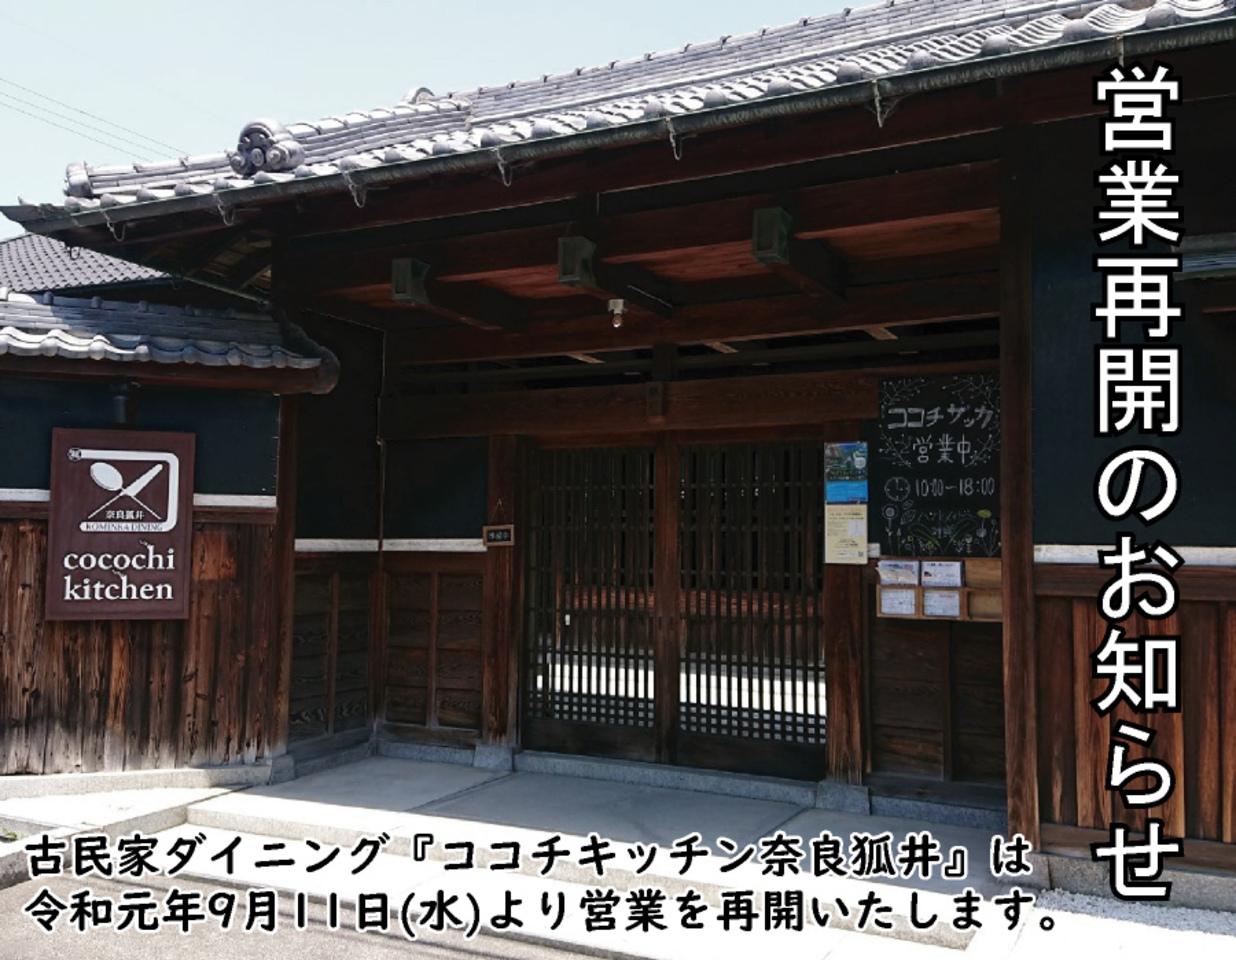 ココチキッチン奈良狐井、令和元年9月11日(水)より営業を再開いたします。